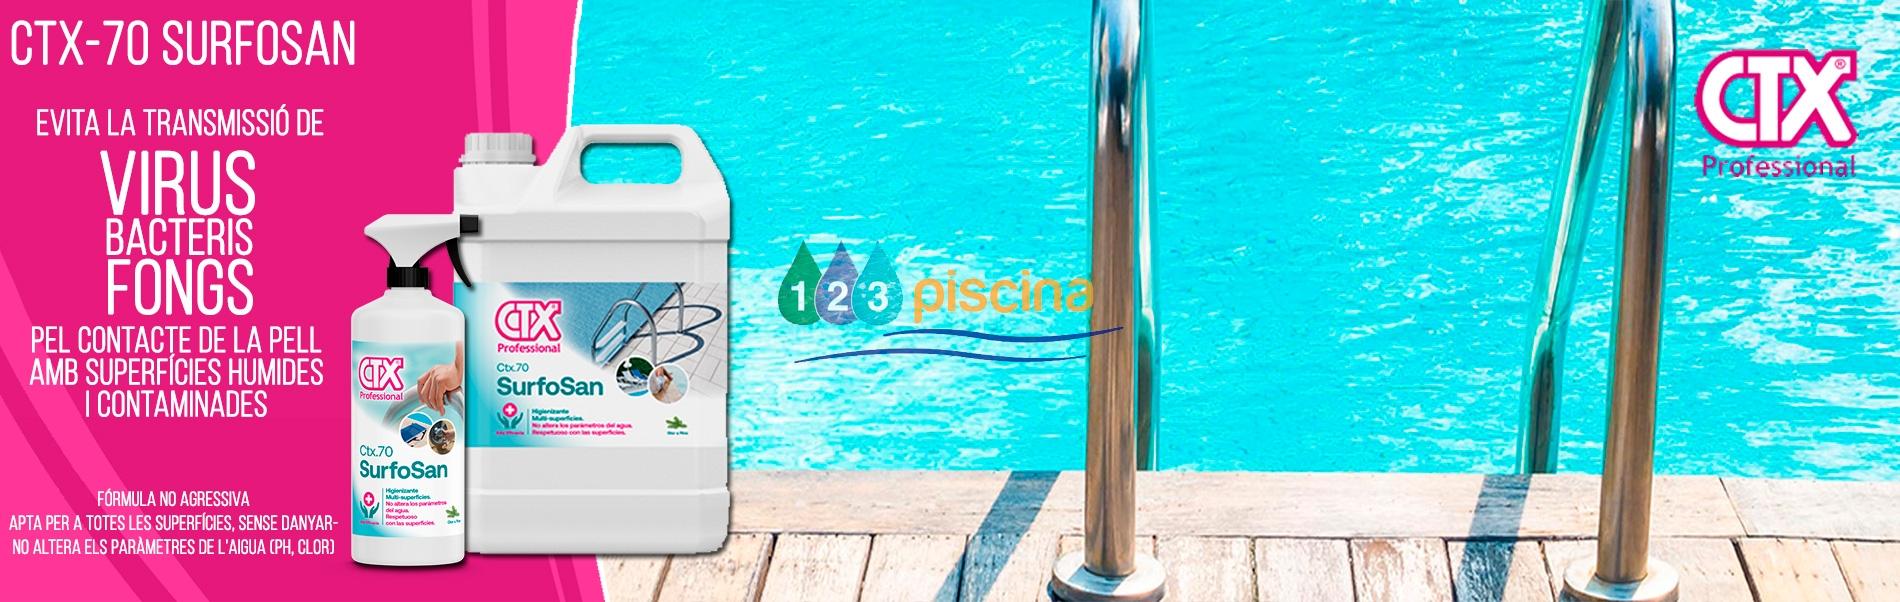 Higienitzant Surfosan CTX-70 - Piscina neta de virus, bacteris i fongs